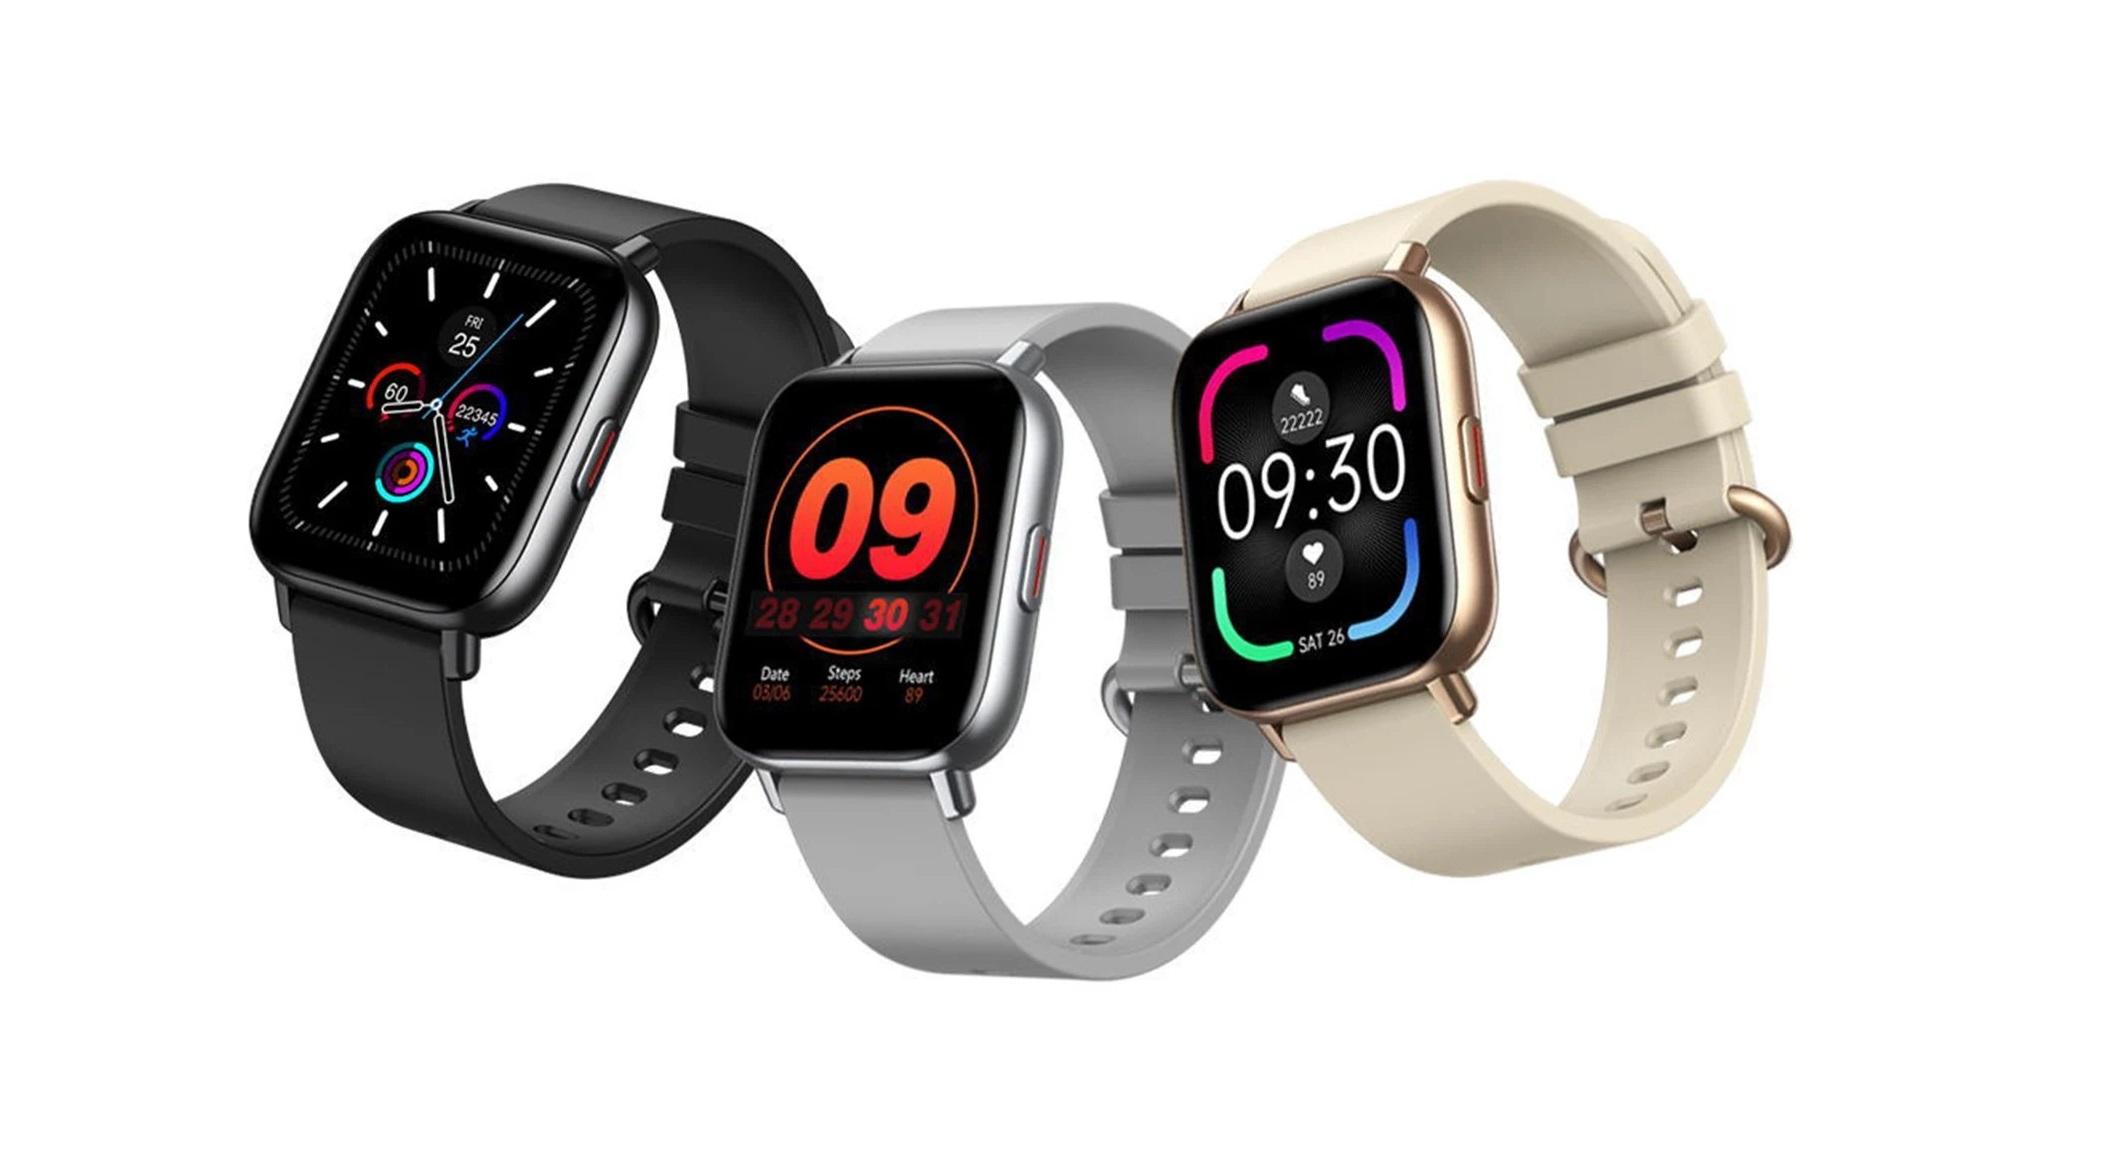 Chytré hodinky co vypadají jako Apple Watch za 600 Kč? Nyní na Cafago.com [sponzorovaný článek]